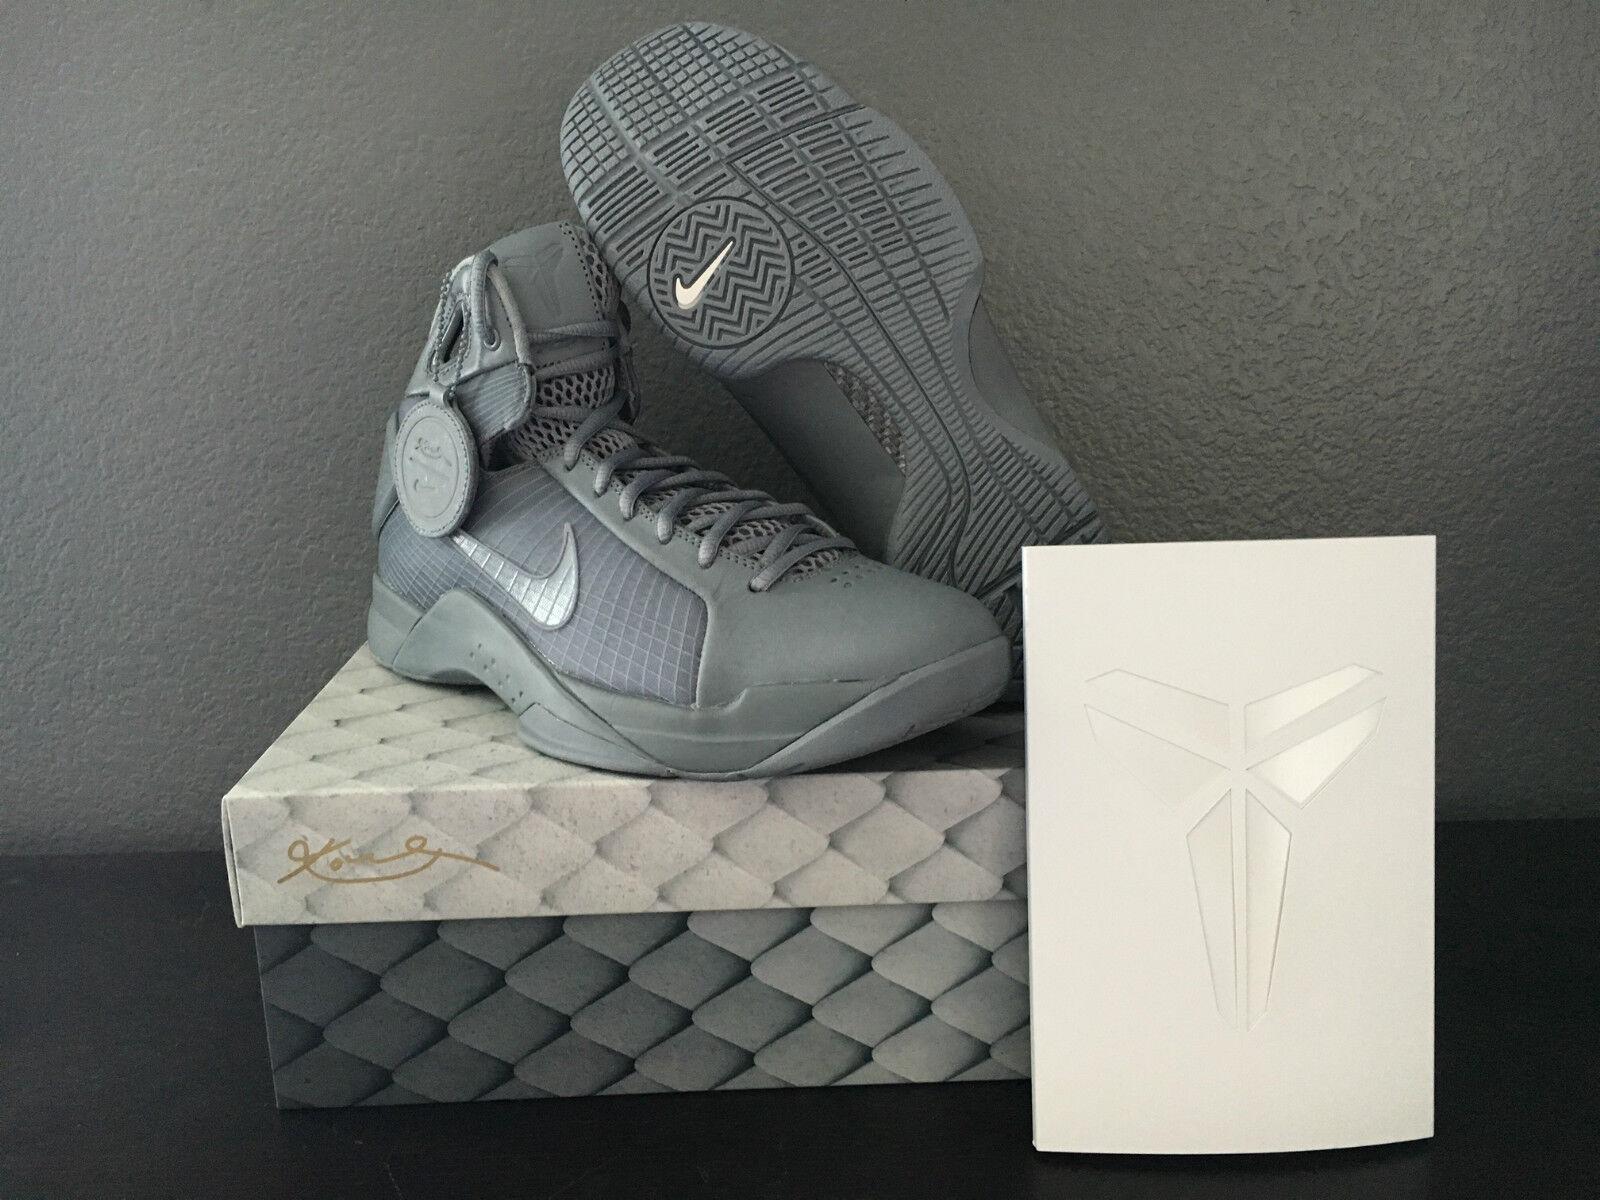 Nike air monarca iv uomini neri conforto lace 2 a formazione scarpe noi 12 c 5 / 2 lace a593cd